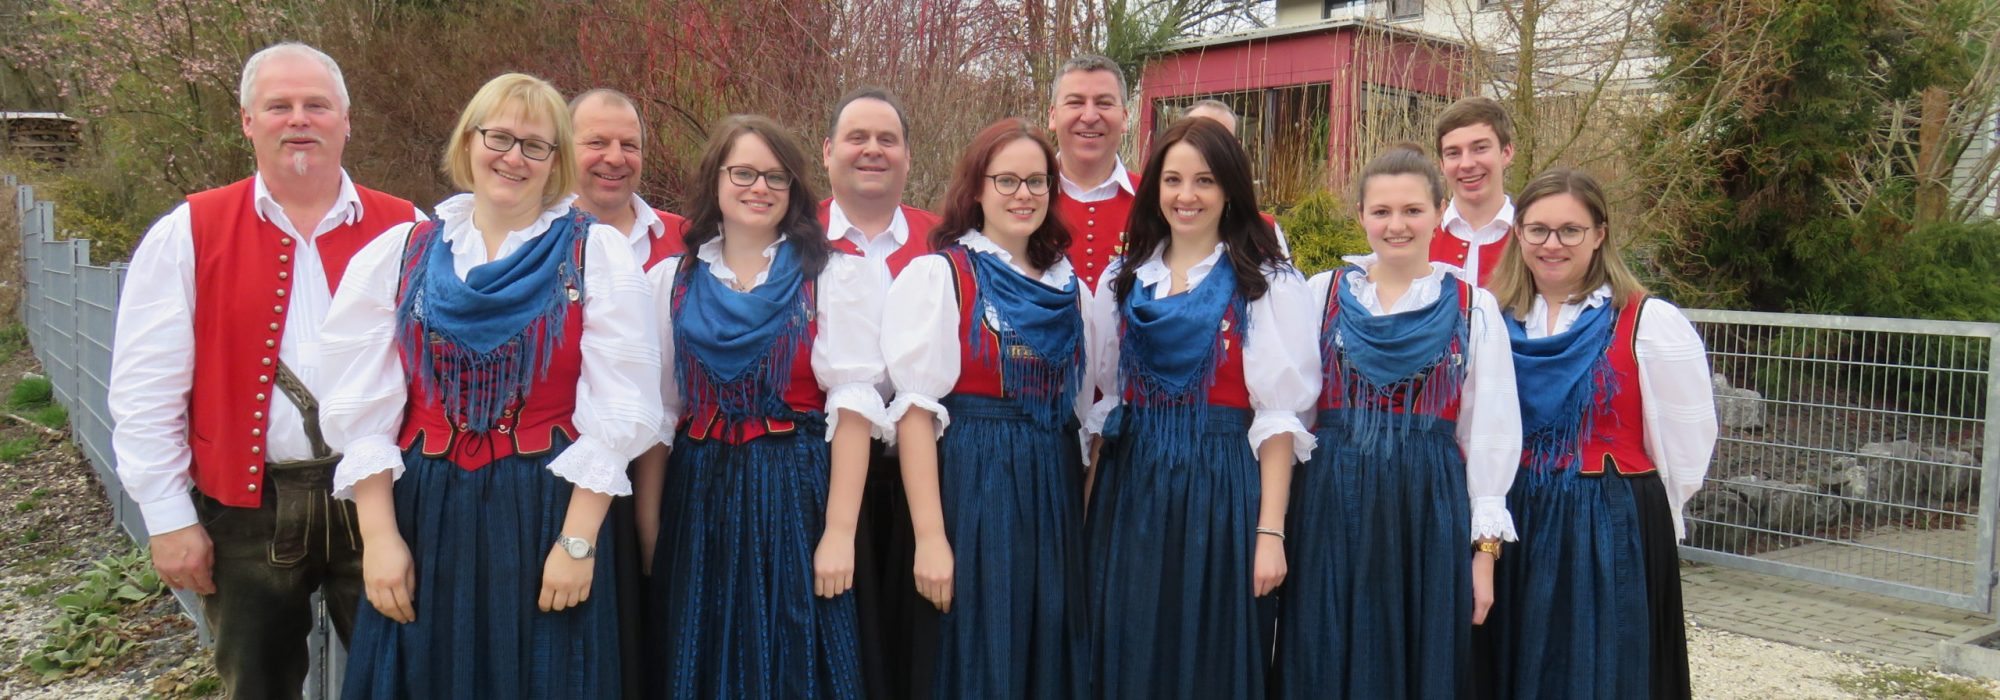 Musikverein Meßhofen Vorstandschaft 2020